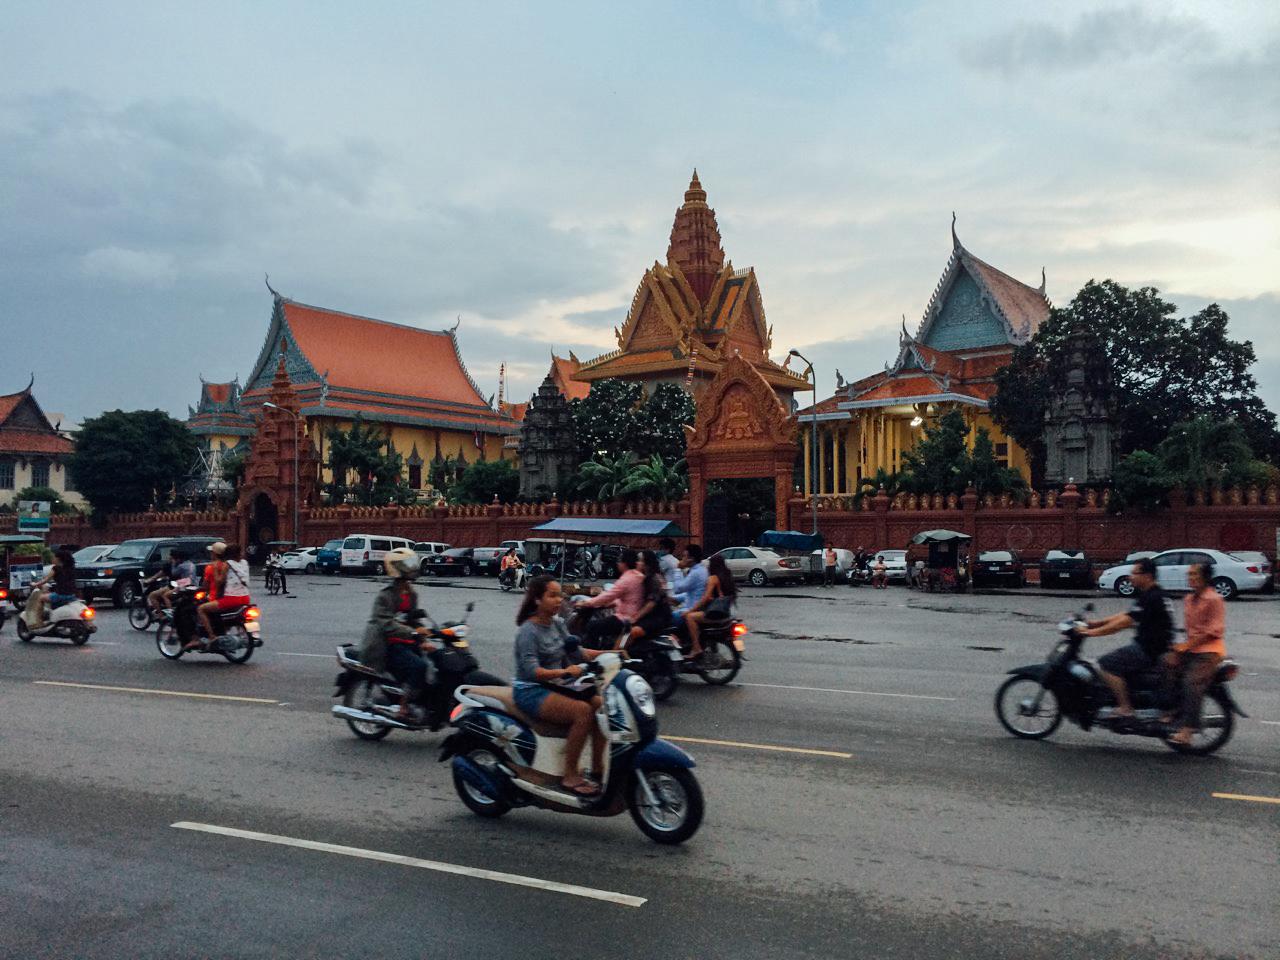 Путешествие по Камбодже: Храм Ват Уналом недалеко от набережной Сисоват